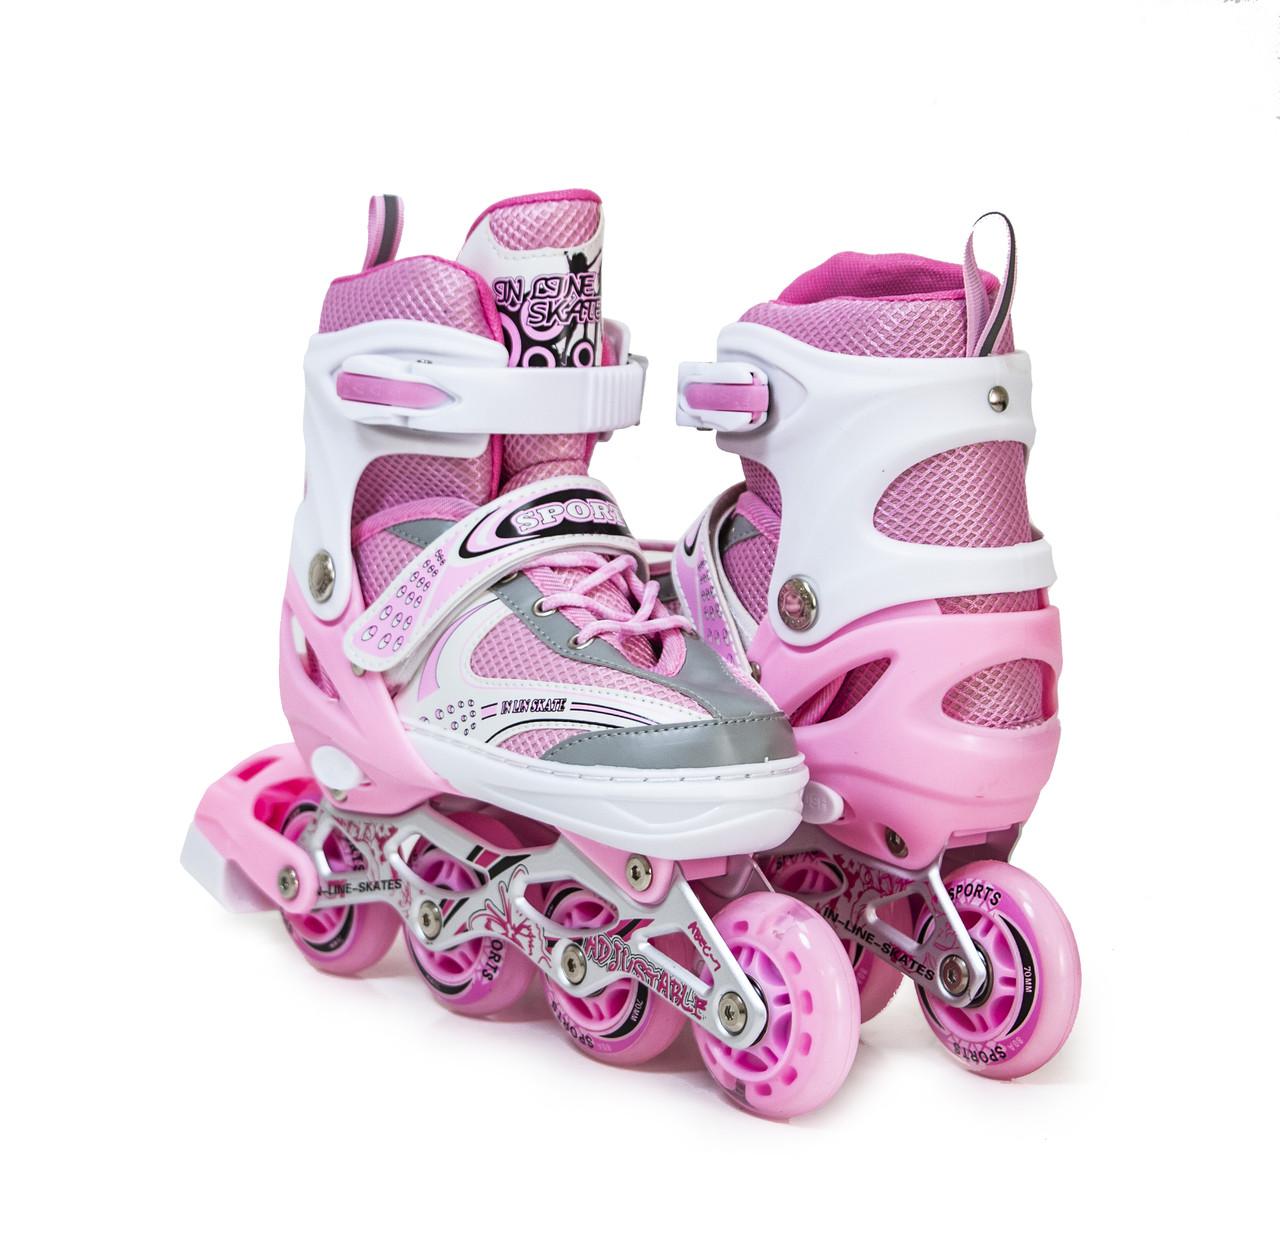 Детские ролики Happy, пастельно розовый цвет, размер 34-37